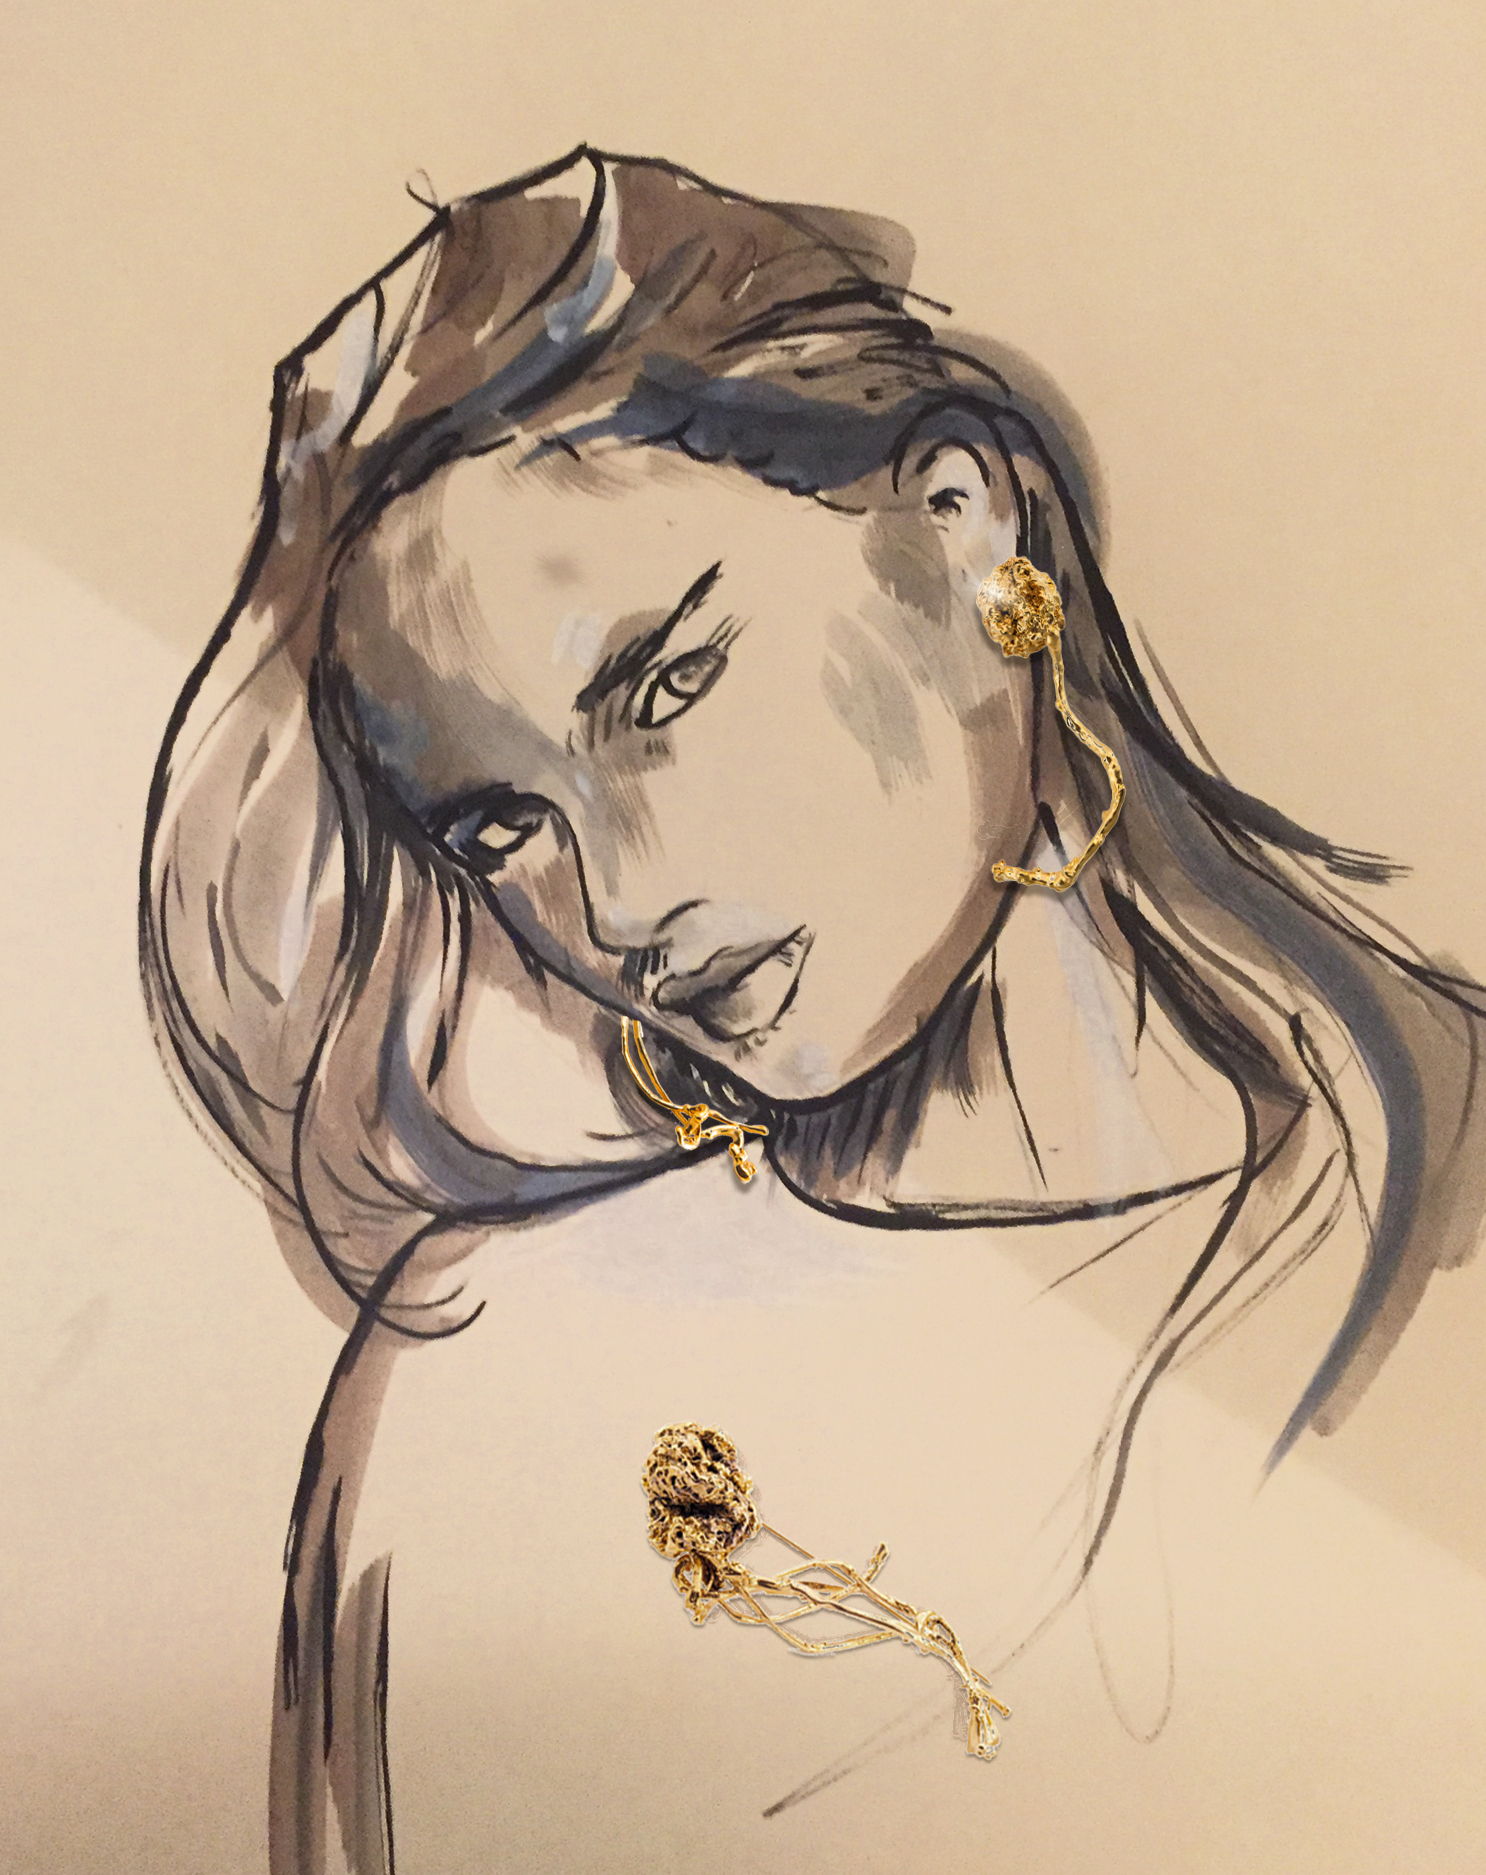 25- Jacqueline de Jong Pommes de Jong earrings, brooch